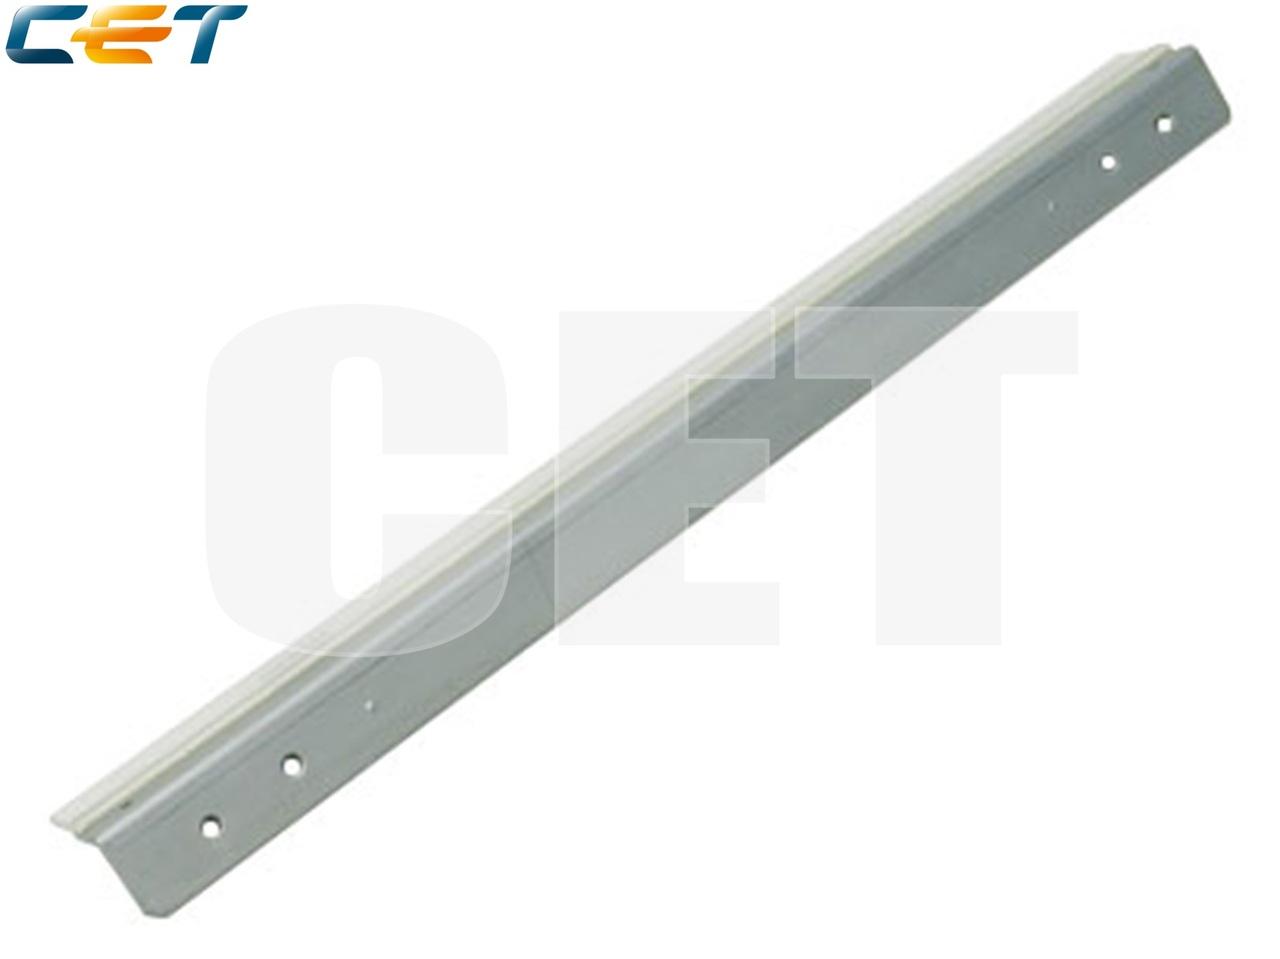 Ракель AD04-1083 для RICOH Aficio 1060/1075 (CET), CET4615